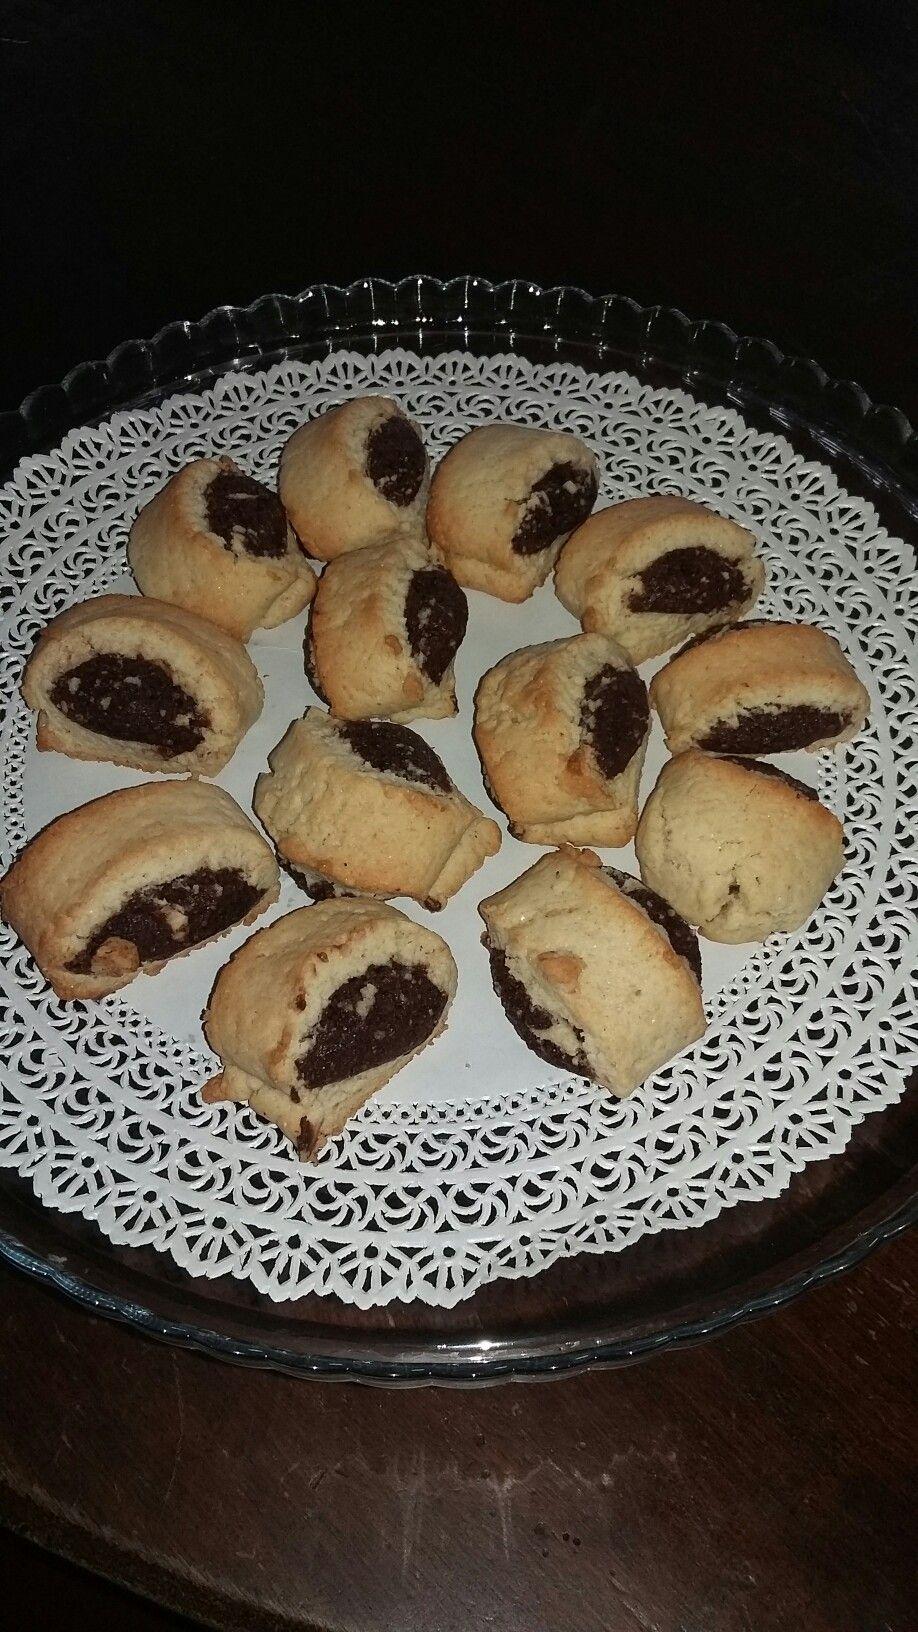 Biscotti Di Natale 1 Uovo.Biscotti Ripieni Al Cioccolato Impasto Base 1 Uovo 130 Zucchero 80